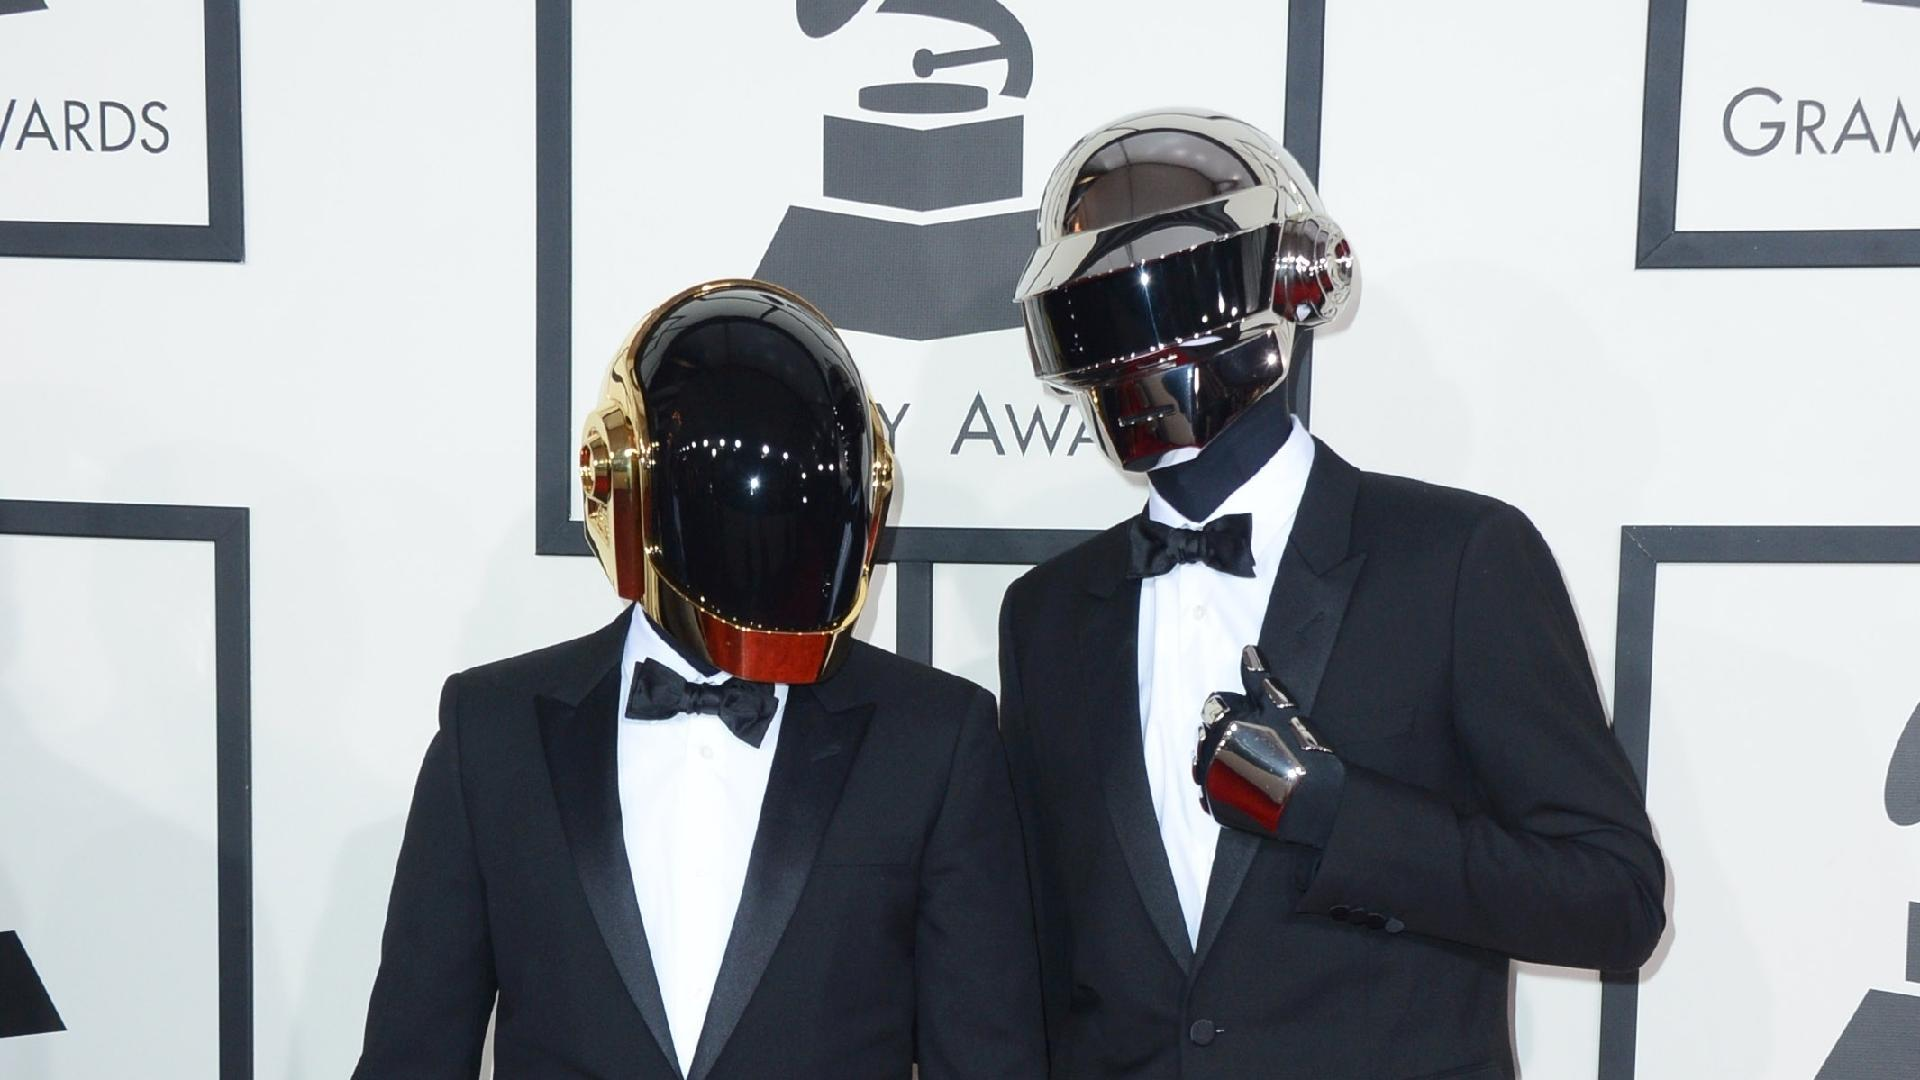 26.jan.2014 - Daft Punk chega à cerimônia da 56ª edição do Grammy. Dono de álbum do ano, o duo saiu consagrado do Grammy com cinco prêmios. Vale lembrar que